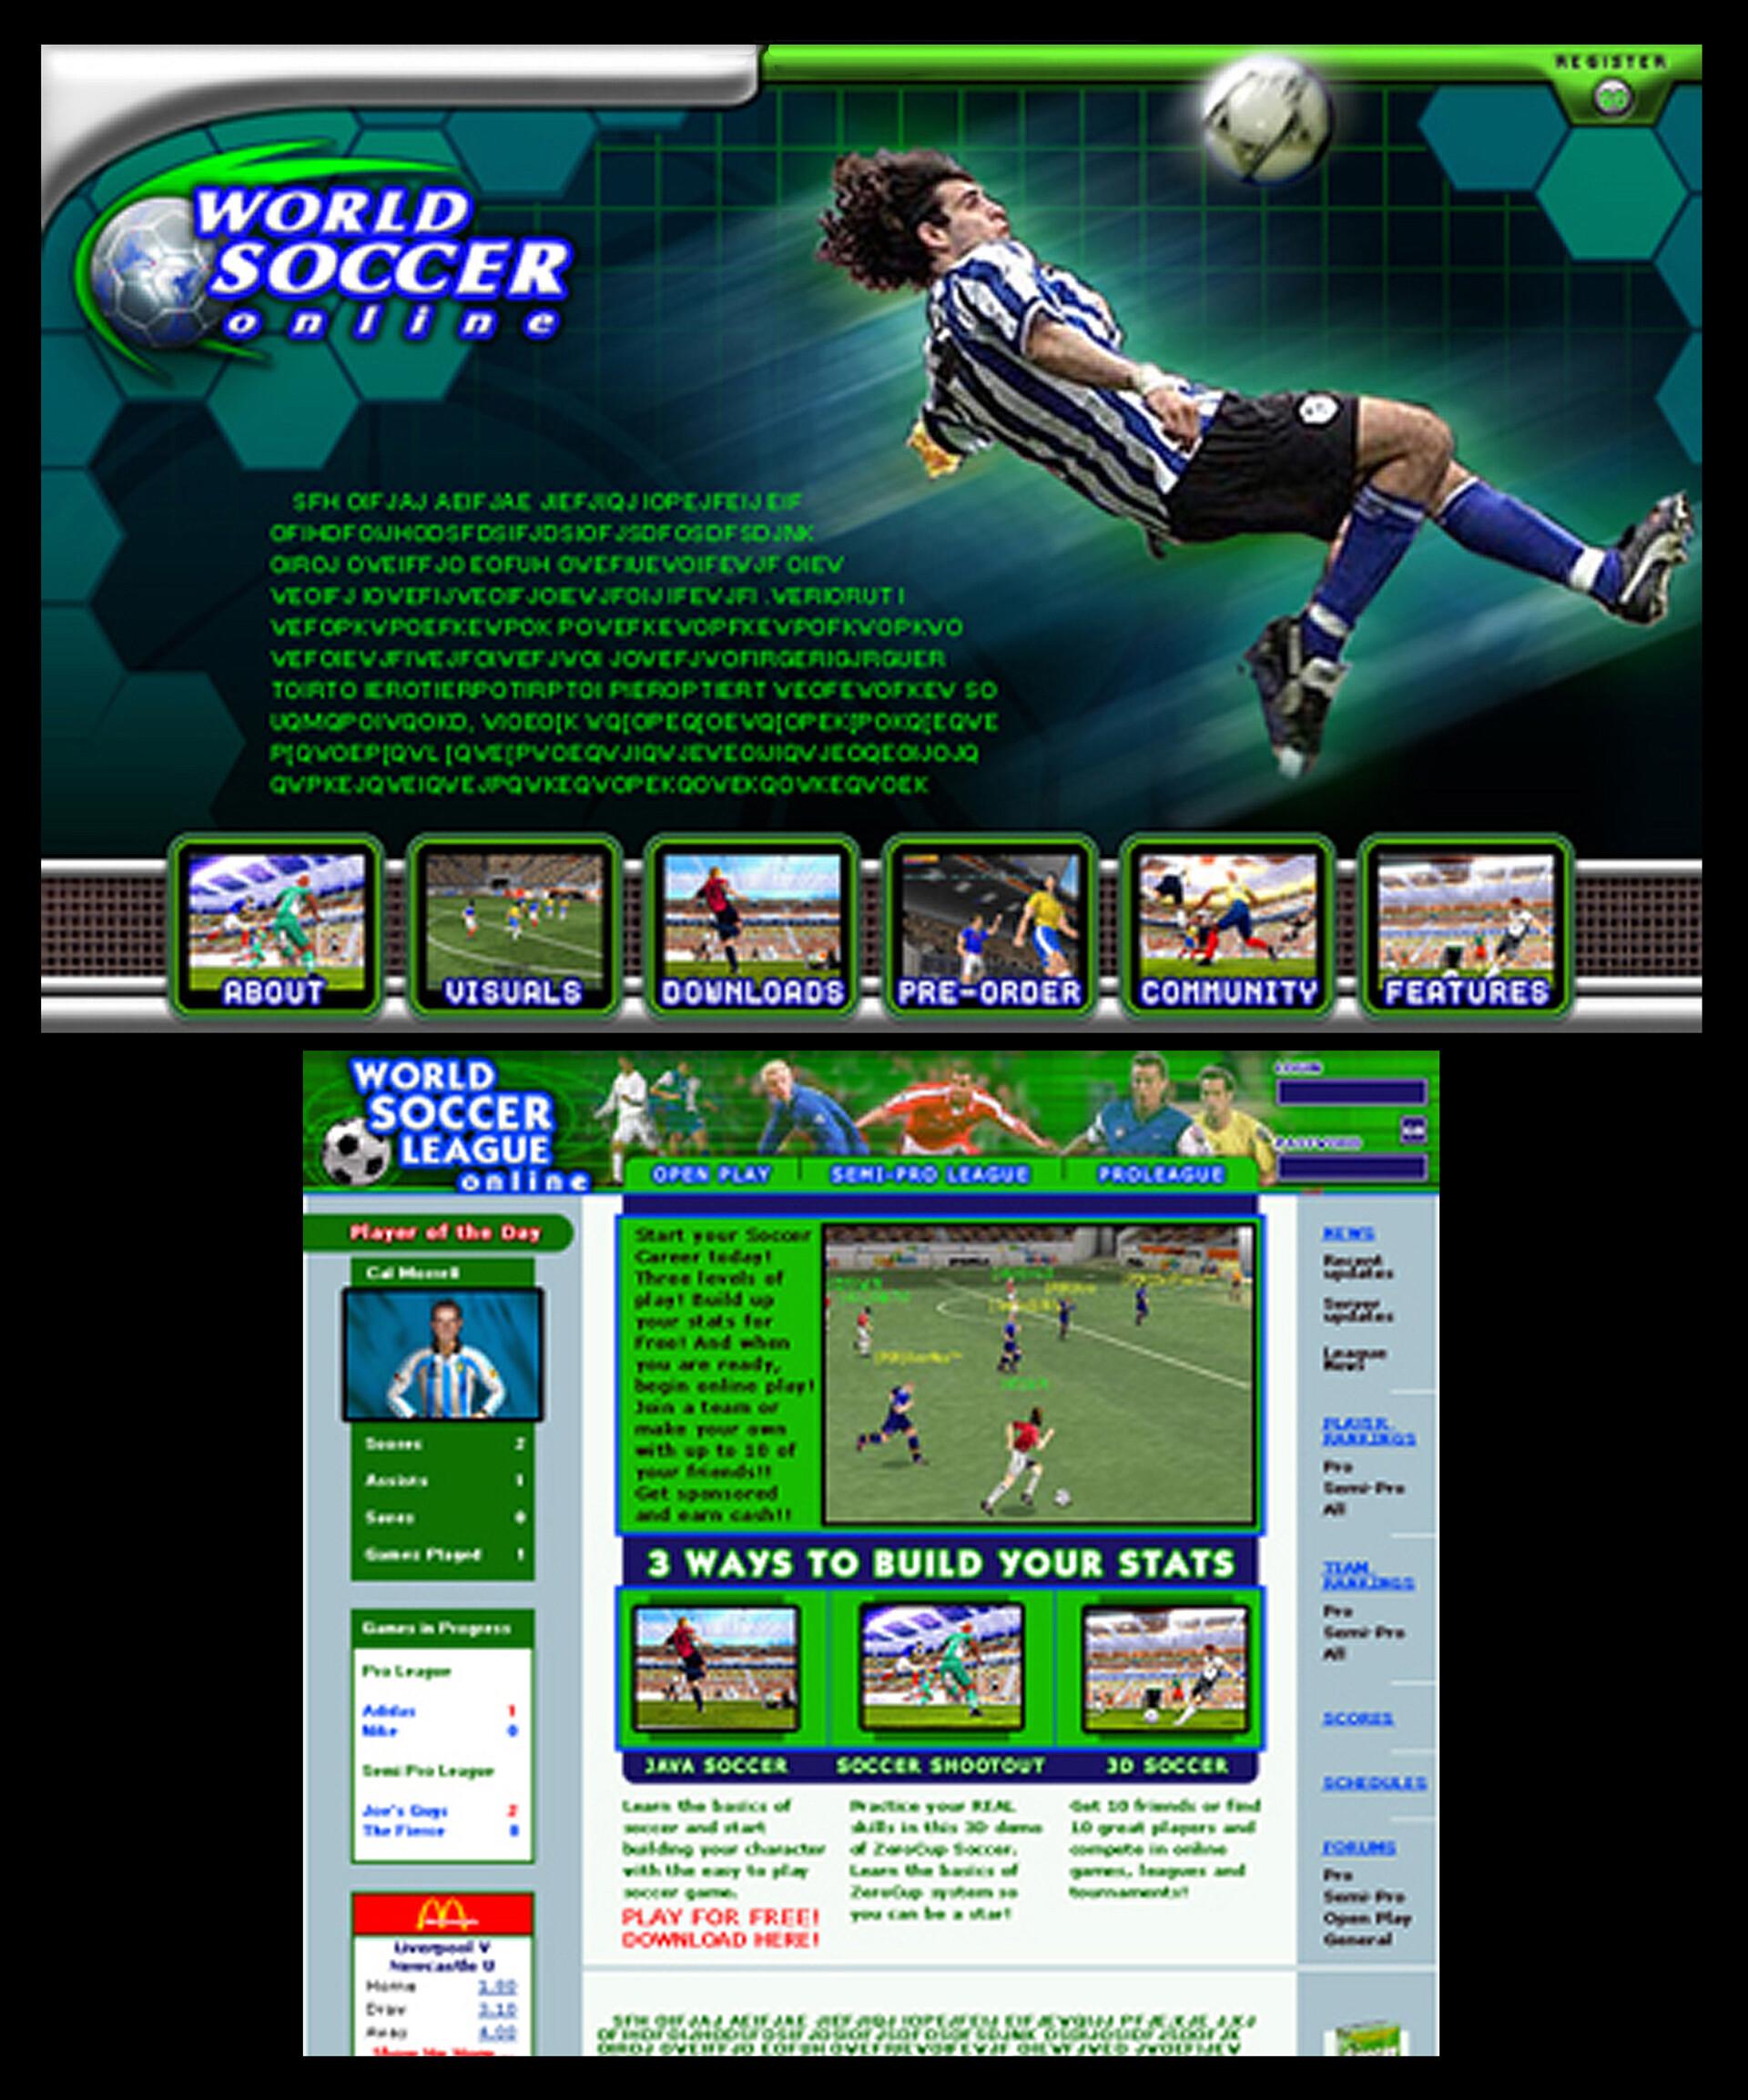 World Soccer online.com